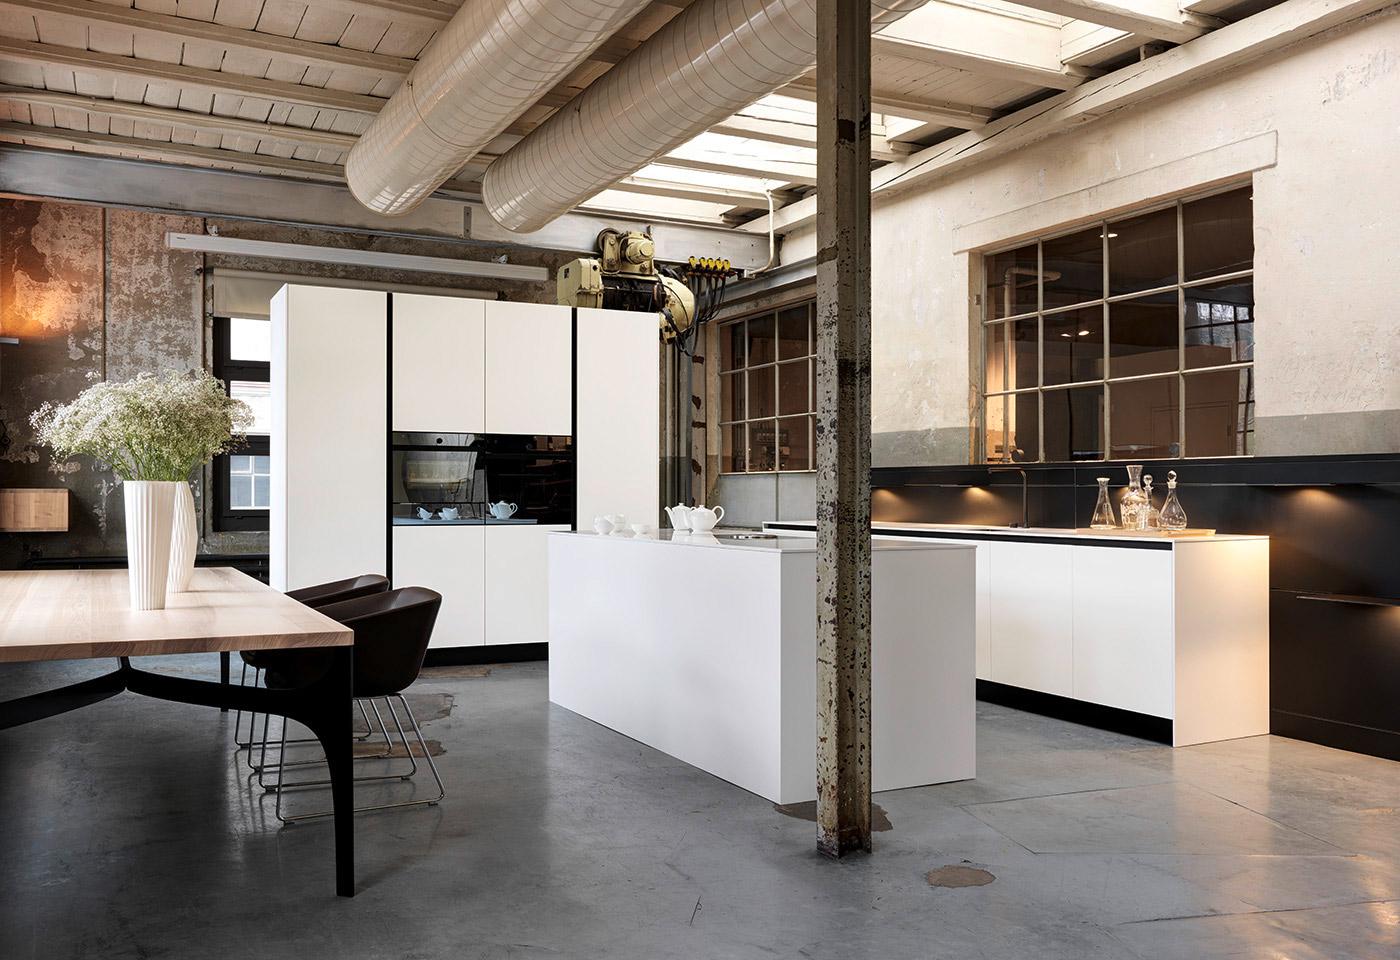 Kochinsel, Hochschränke und Kochzeile ergeben eine moderne und minimalistische Küche.